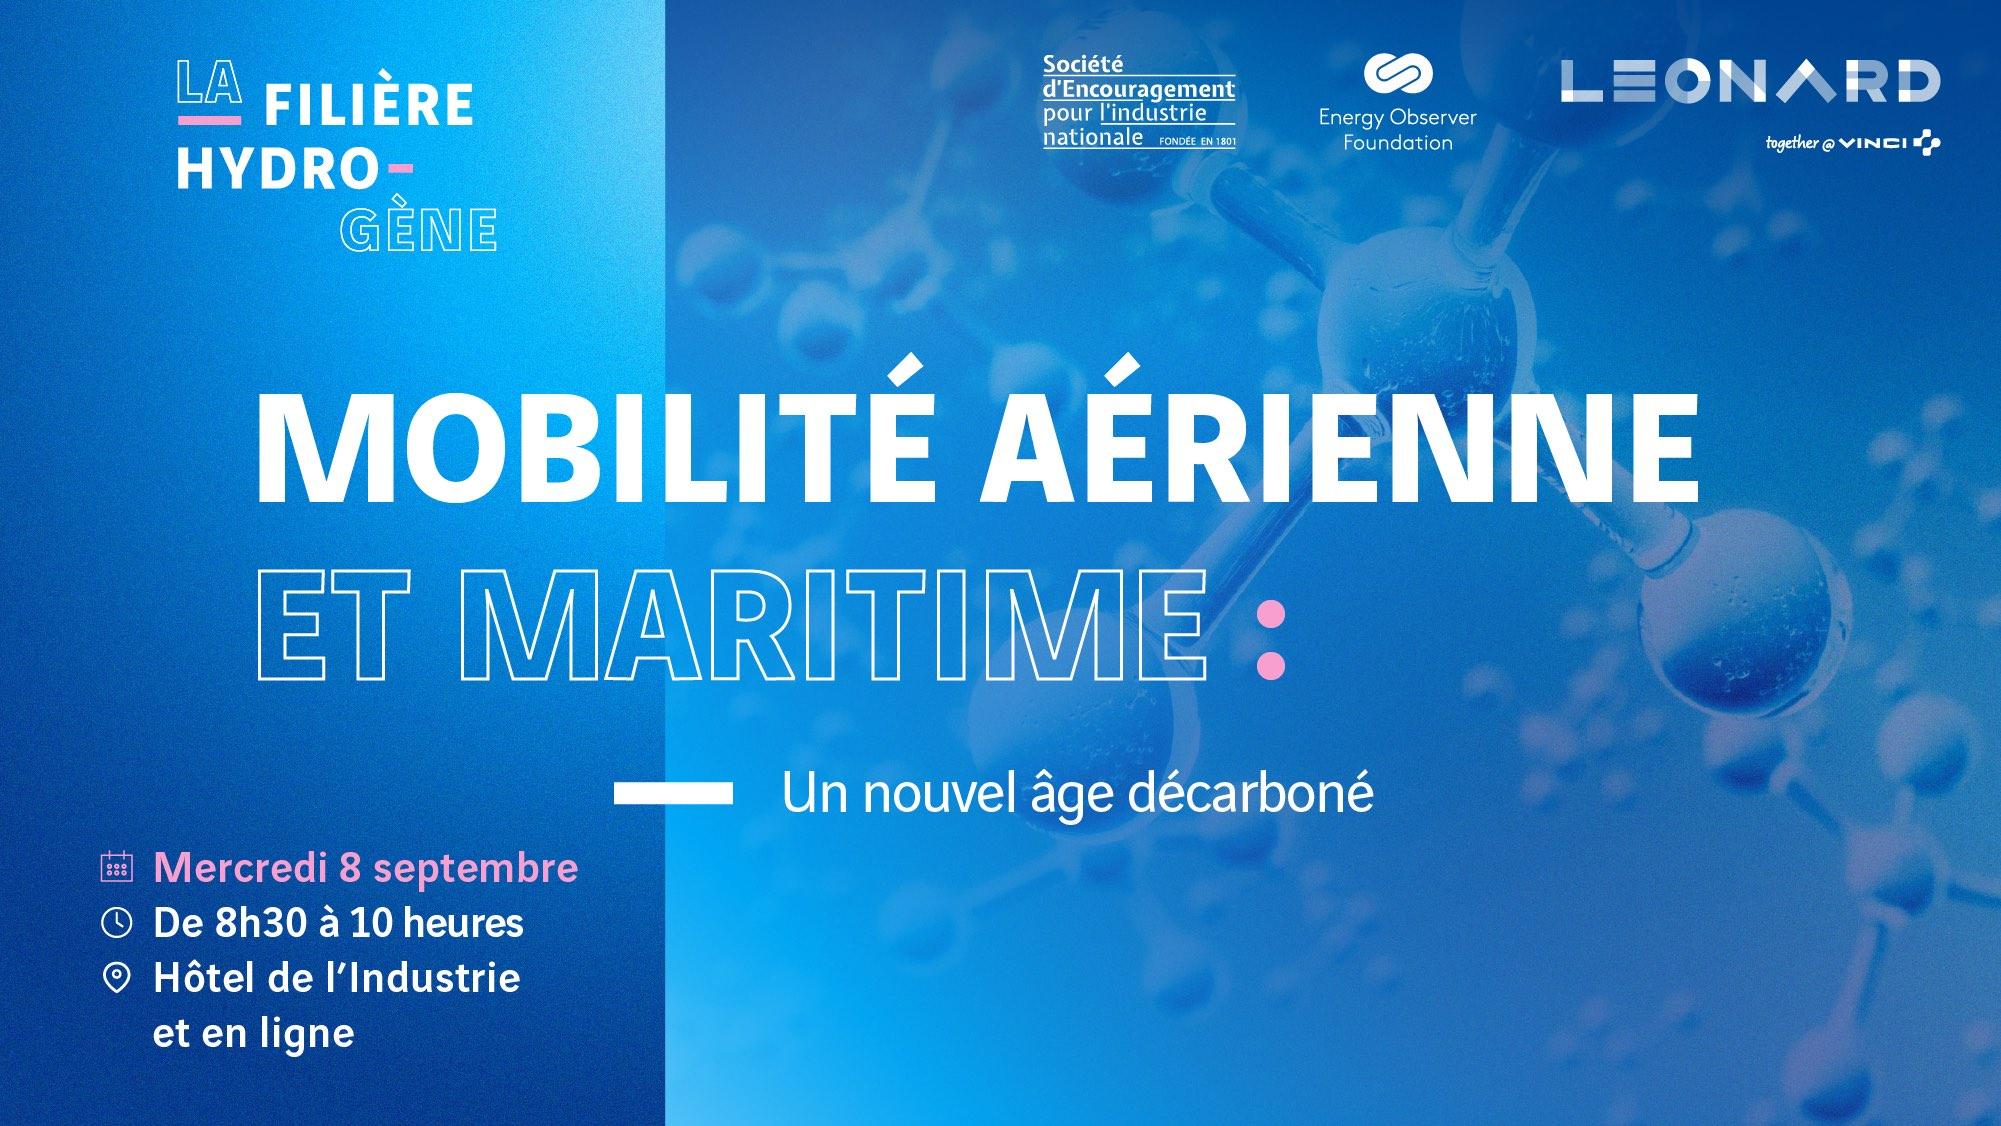 Mobilités aérienne et maritime : un nouvel âge décarboné